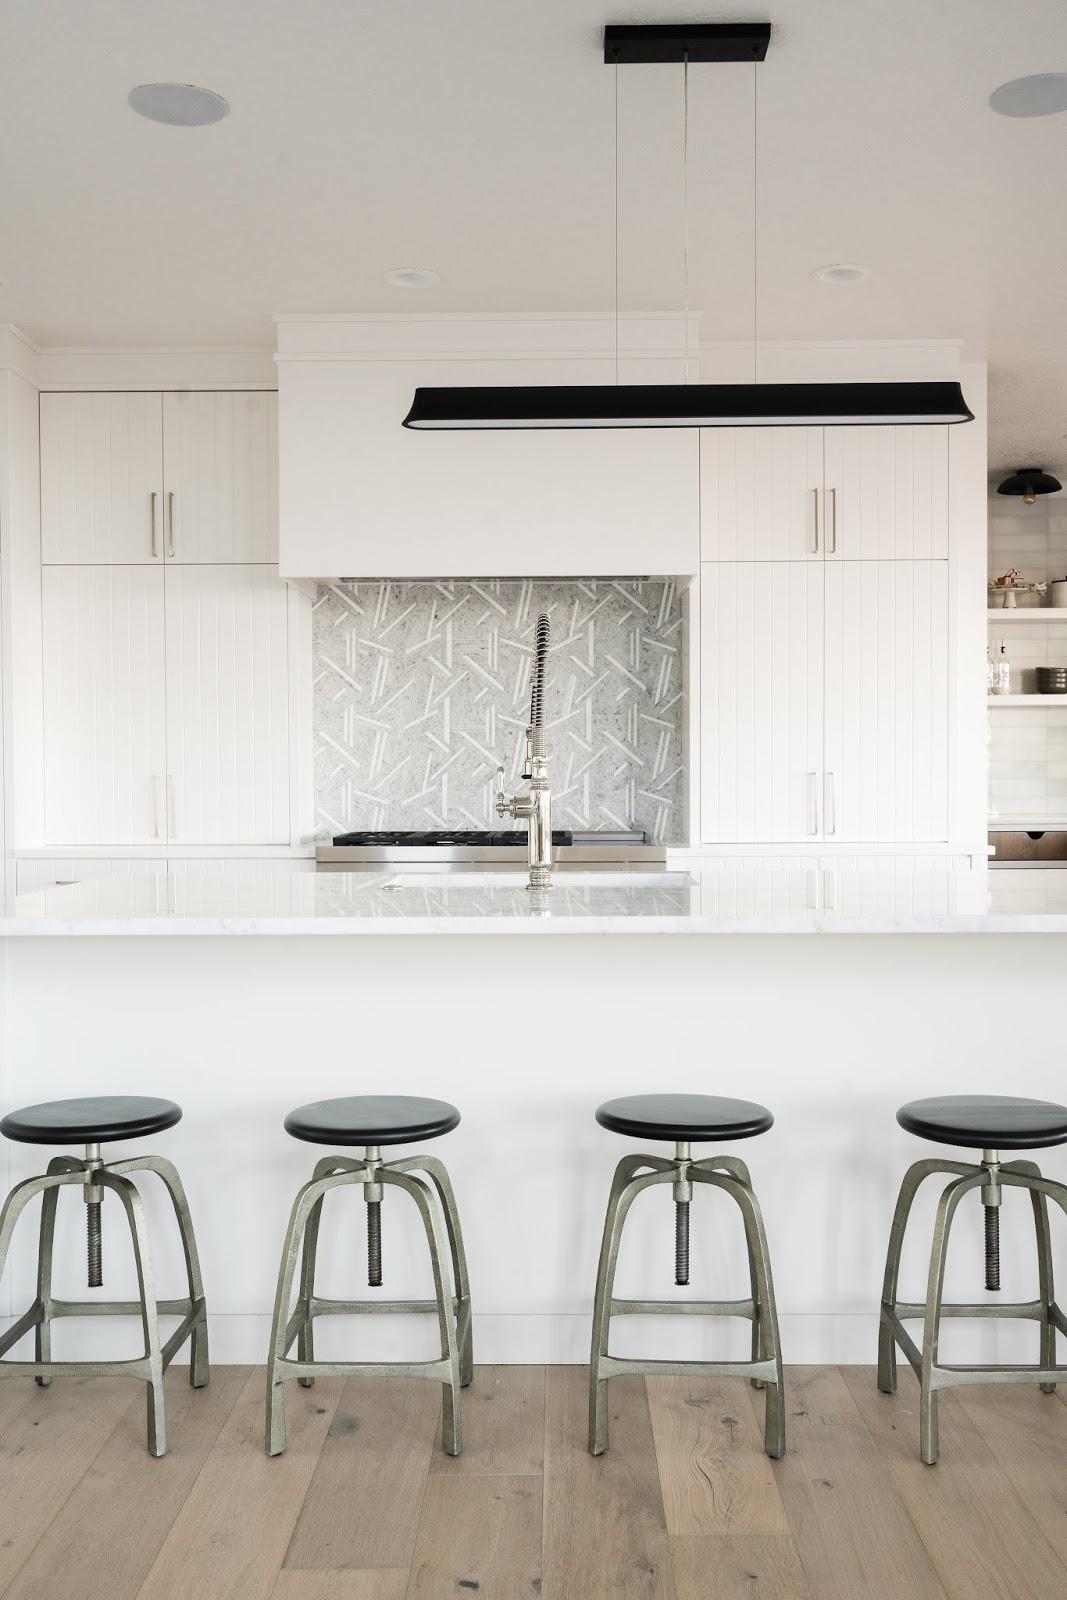 Clean Kitchen Design, Modern Barstools